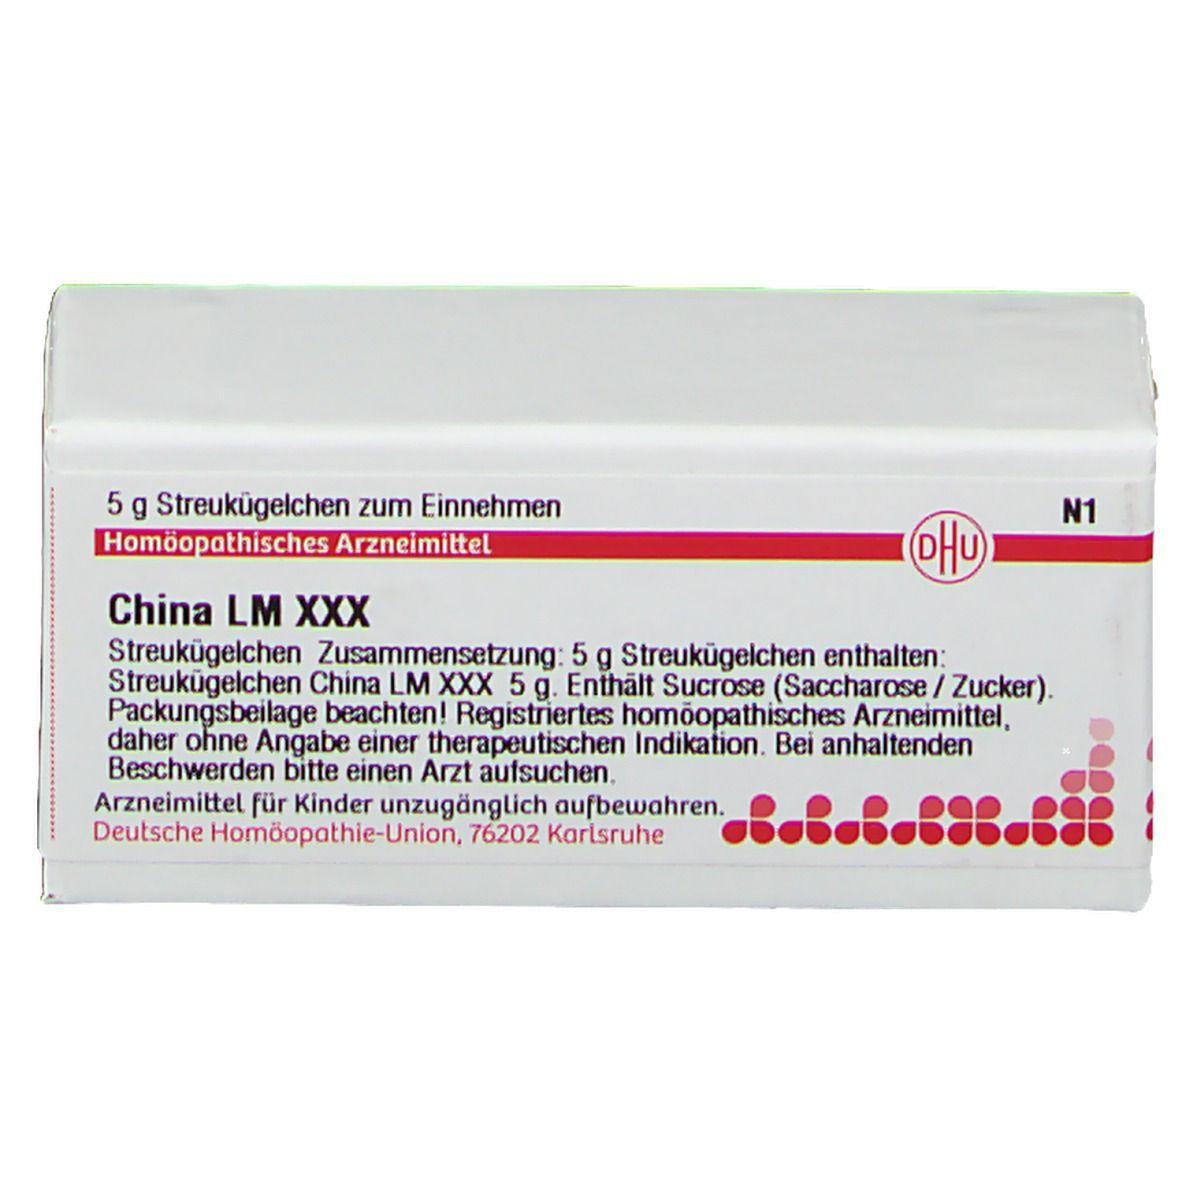 DHU China Lm Xxx